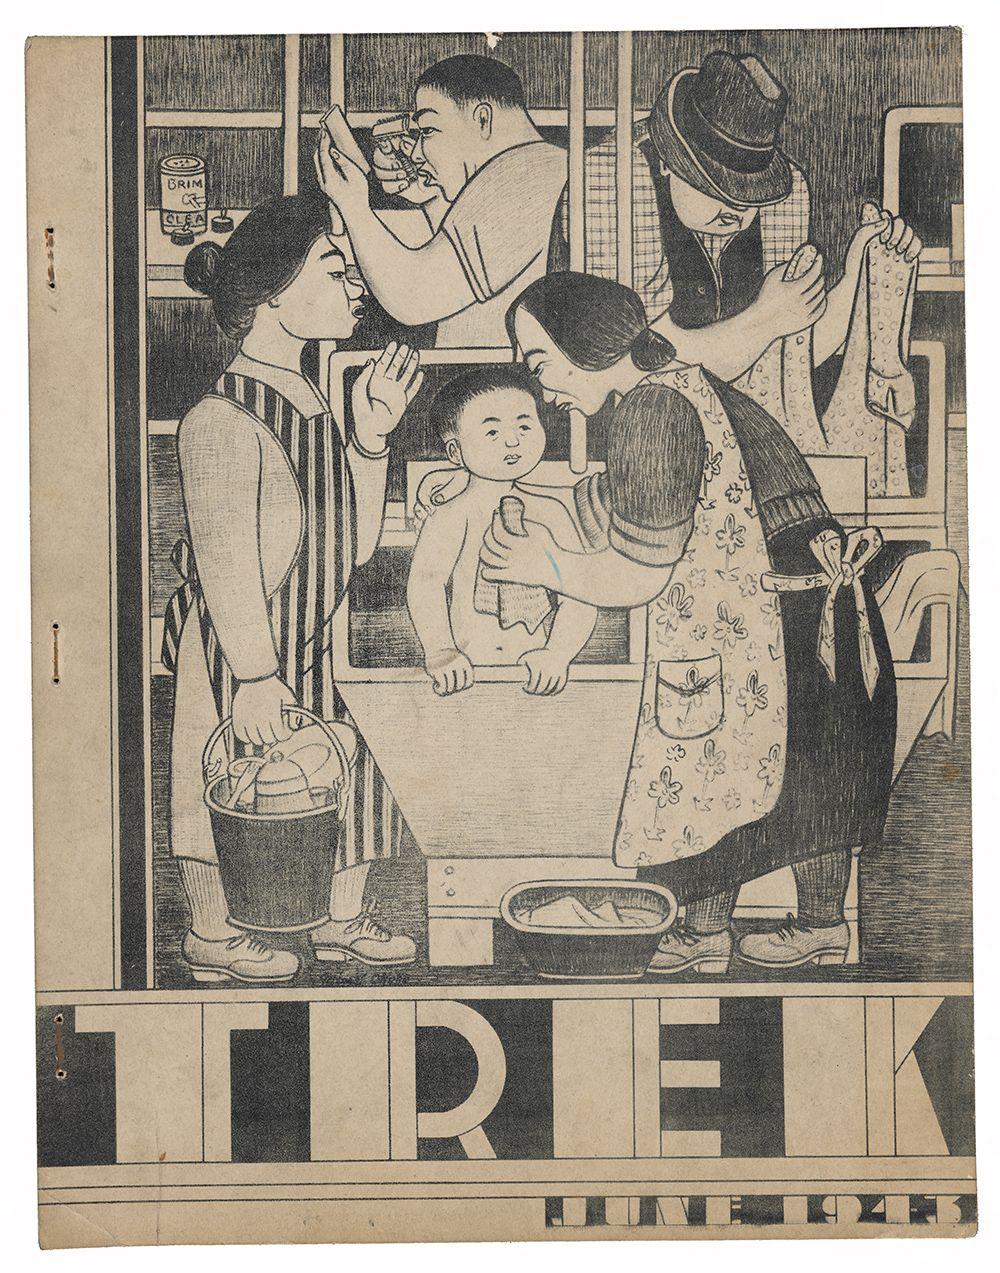 Issue 1, volume 3 of Trek